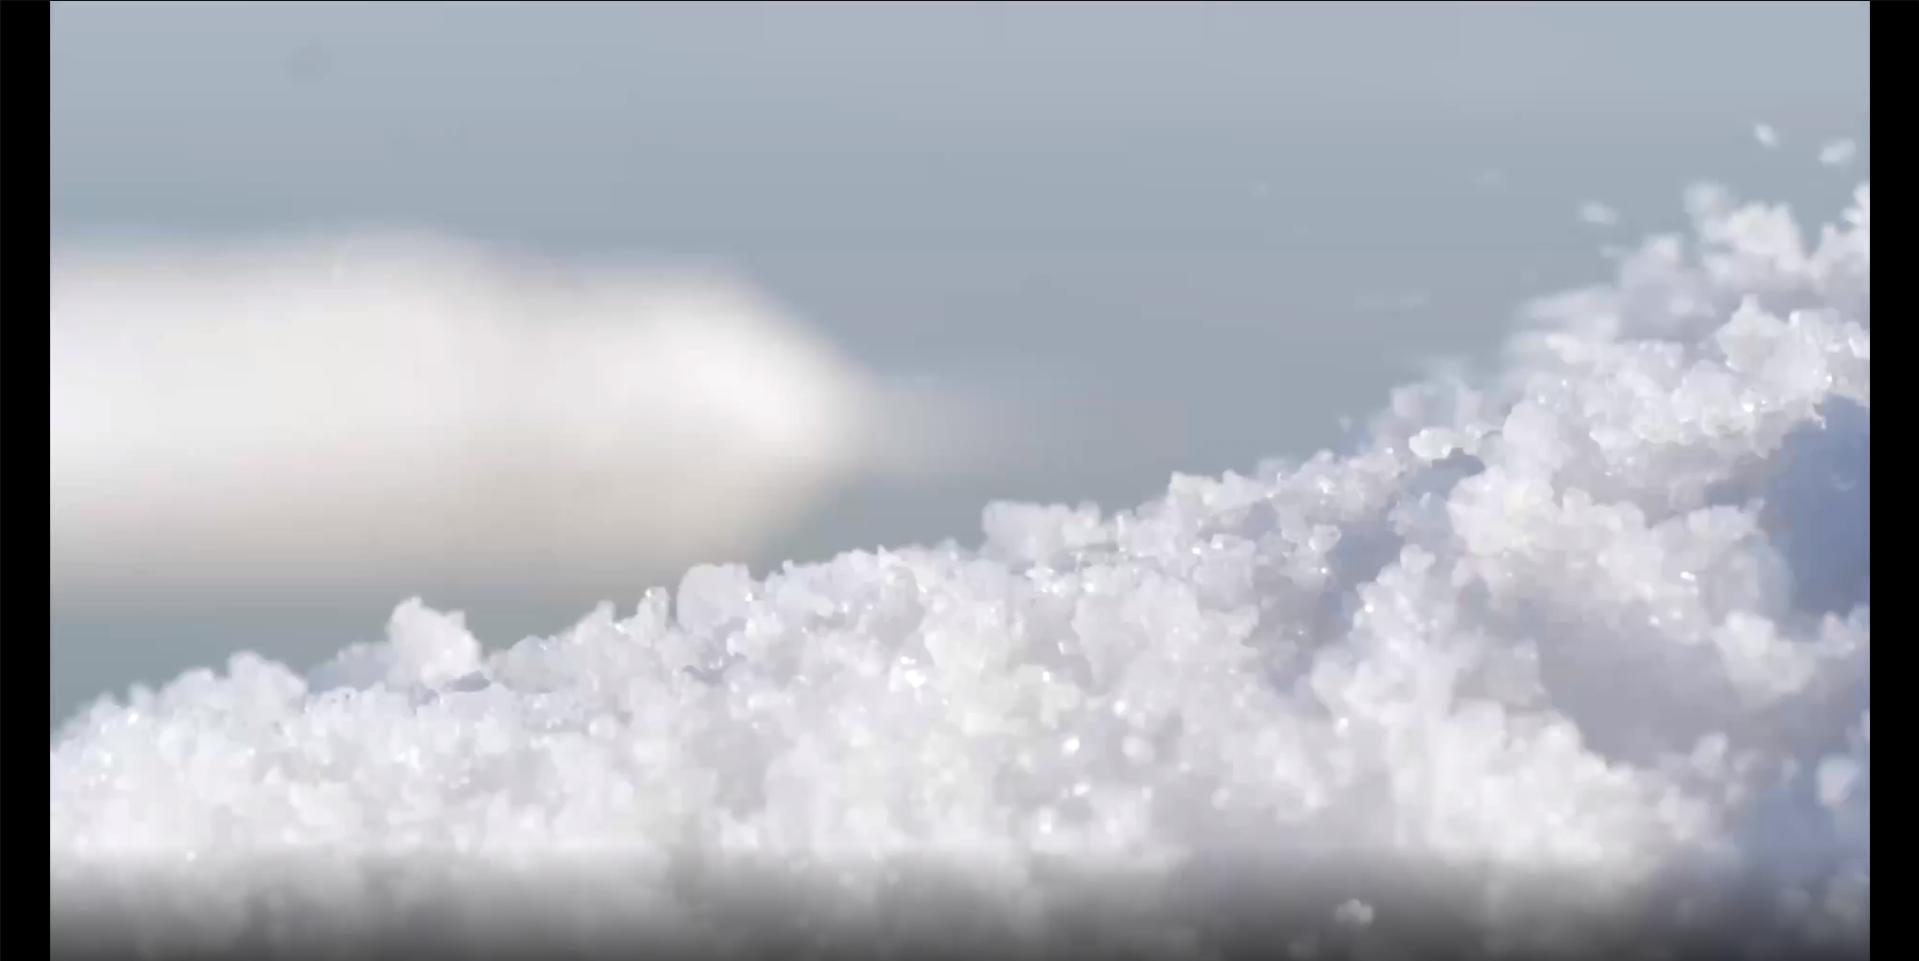 《国味》系列大型原创纪录片《盐·百味之主》先导片